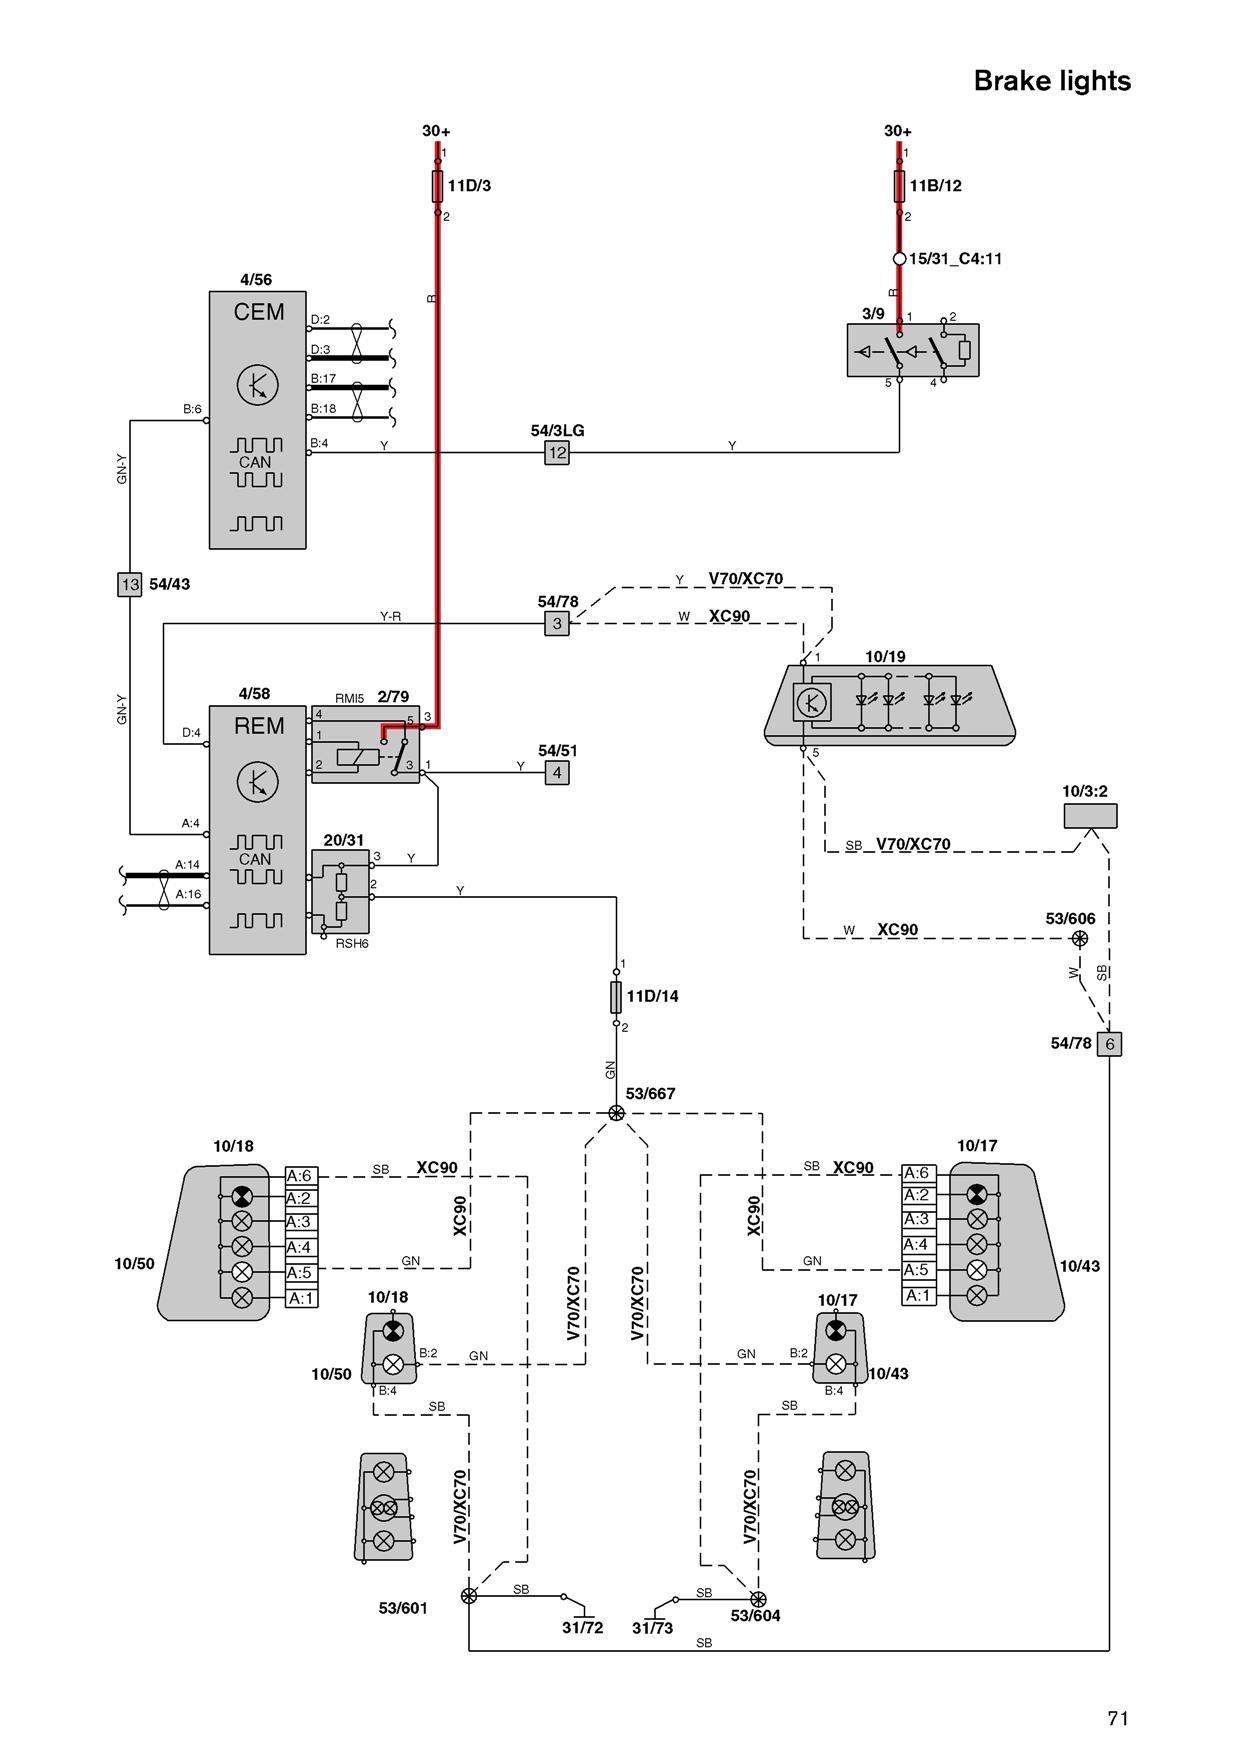 Ford E350 Fuse Box Location Wiring Diagram Wiringdiagramlima 2001 Volvo C70 S40 Radio